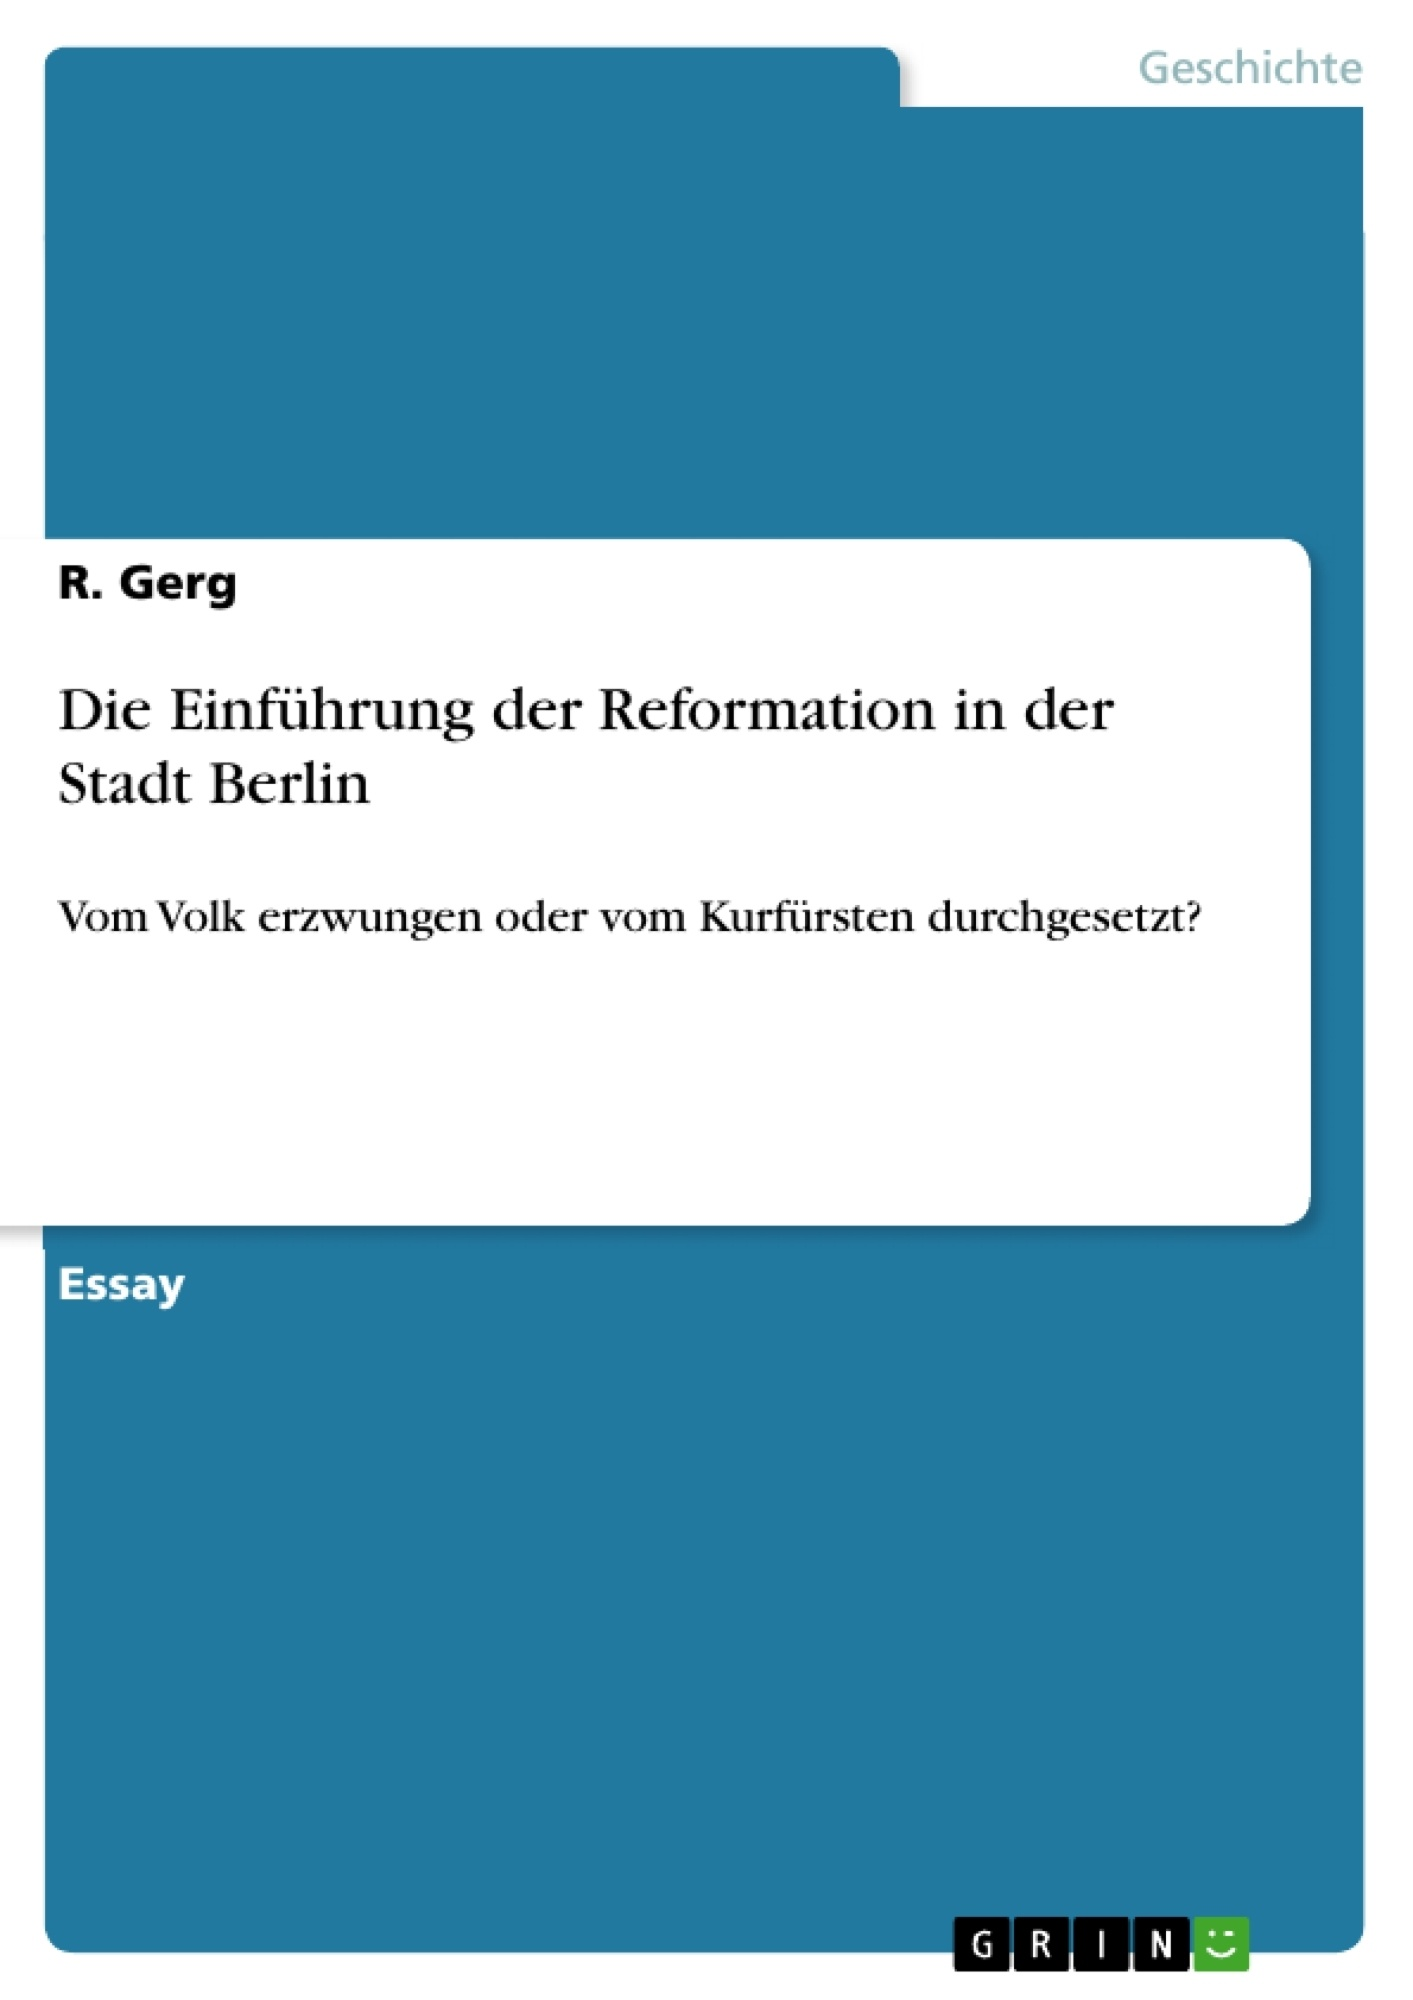 Titel: Die Einführung der Reformation in der Stadt Berlin